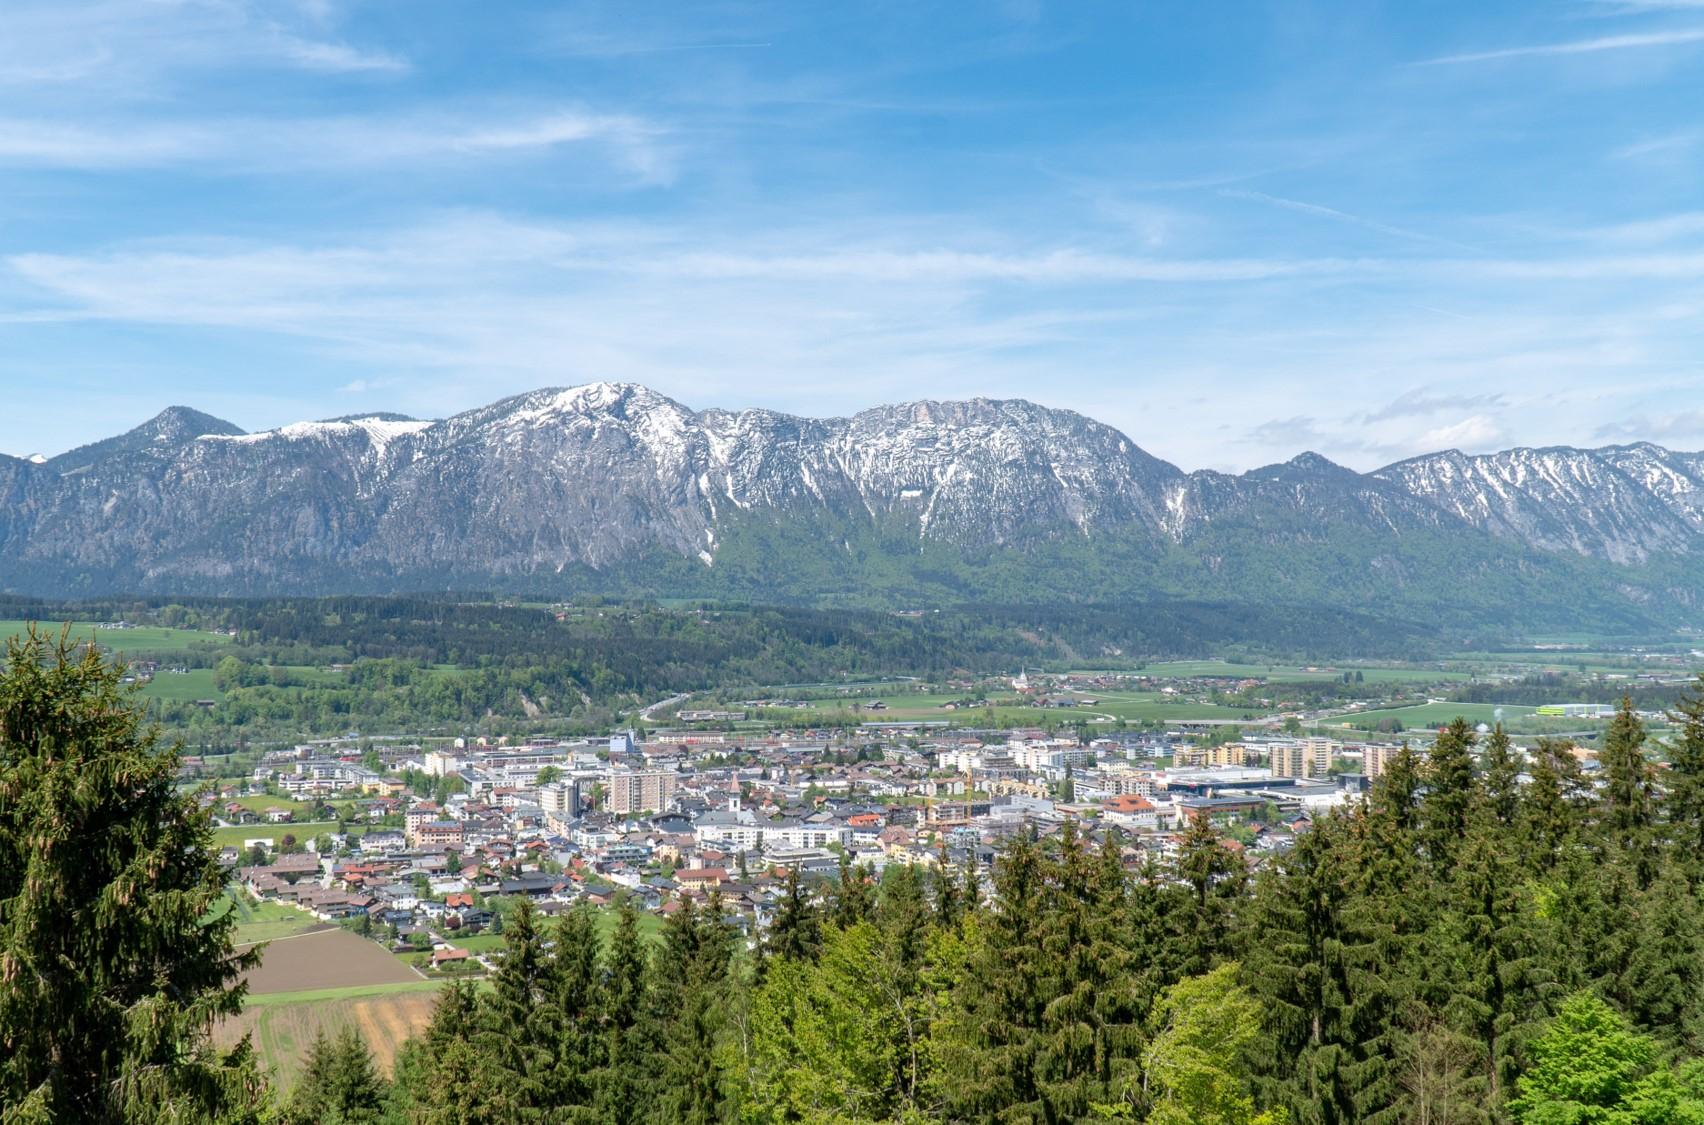 Ausblick auf Wörgl mit Berglandschaft im Hintergrund